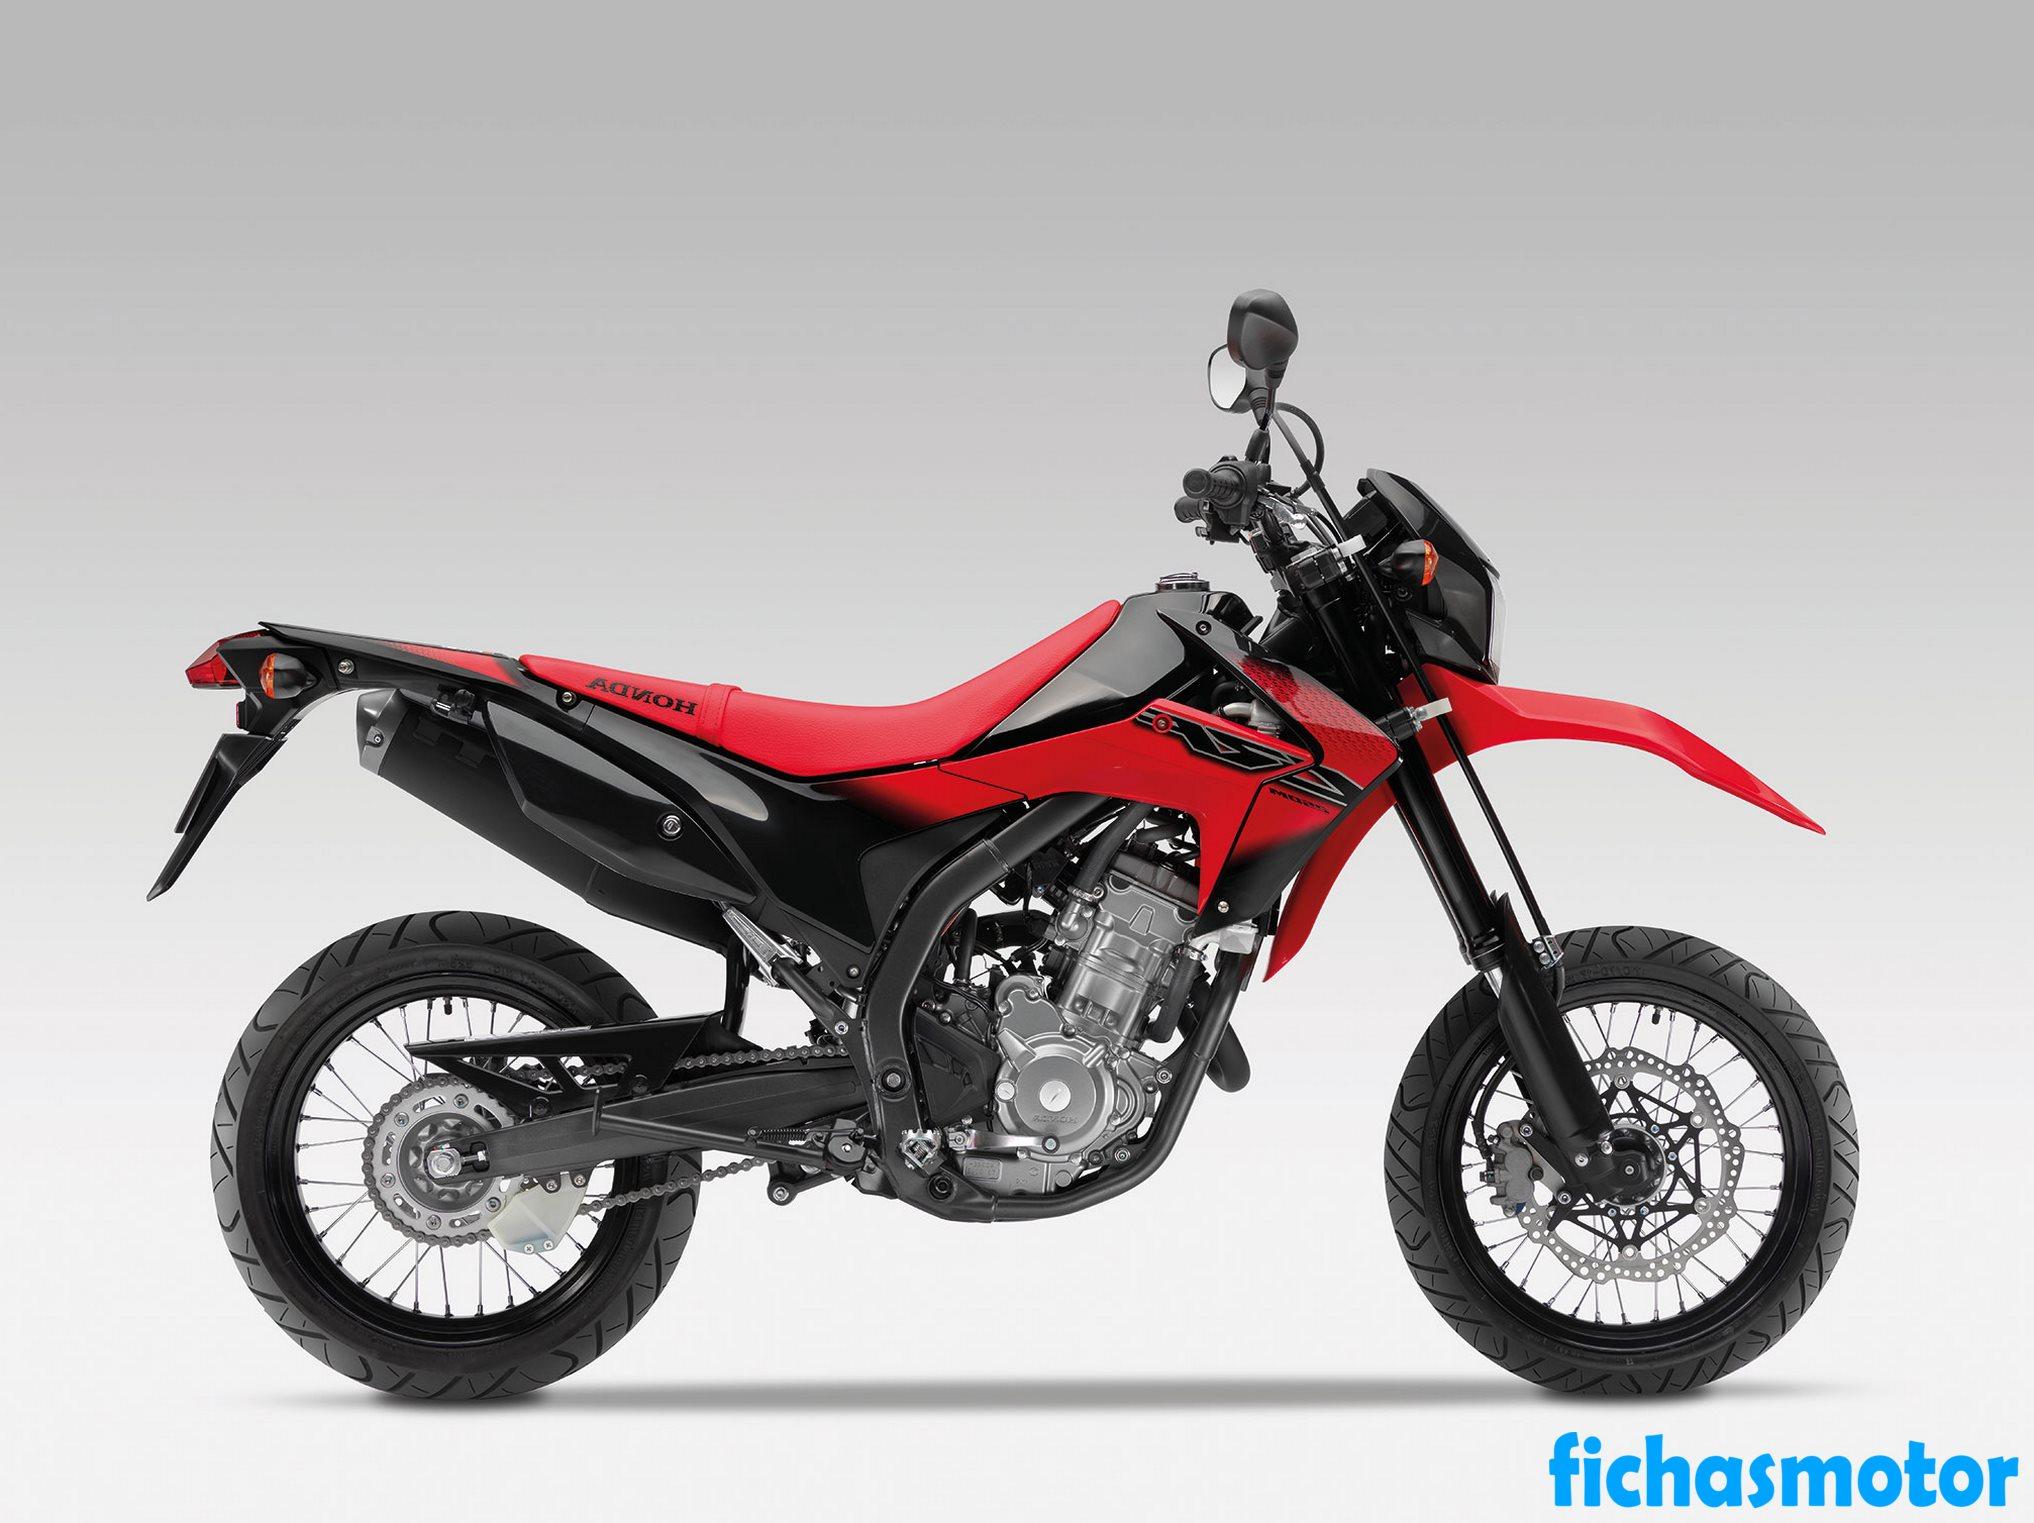 Ficha técnica Honda crf250m 2014